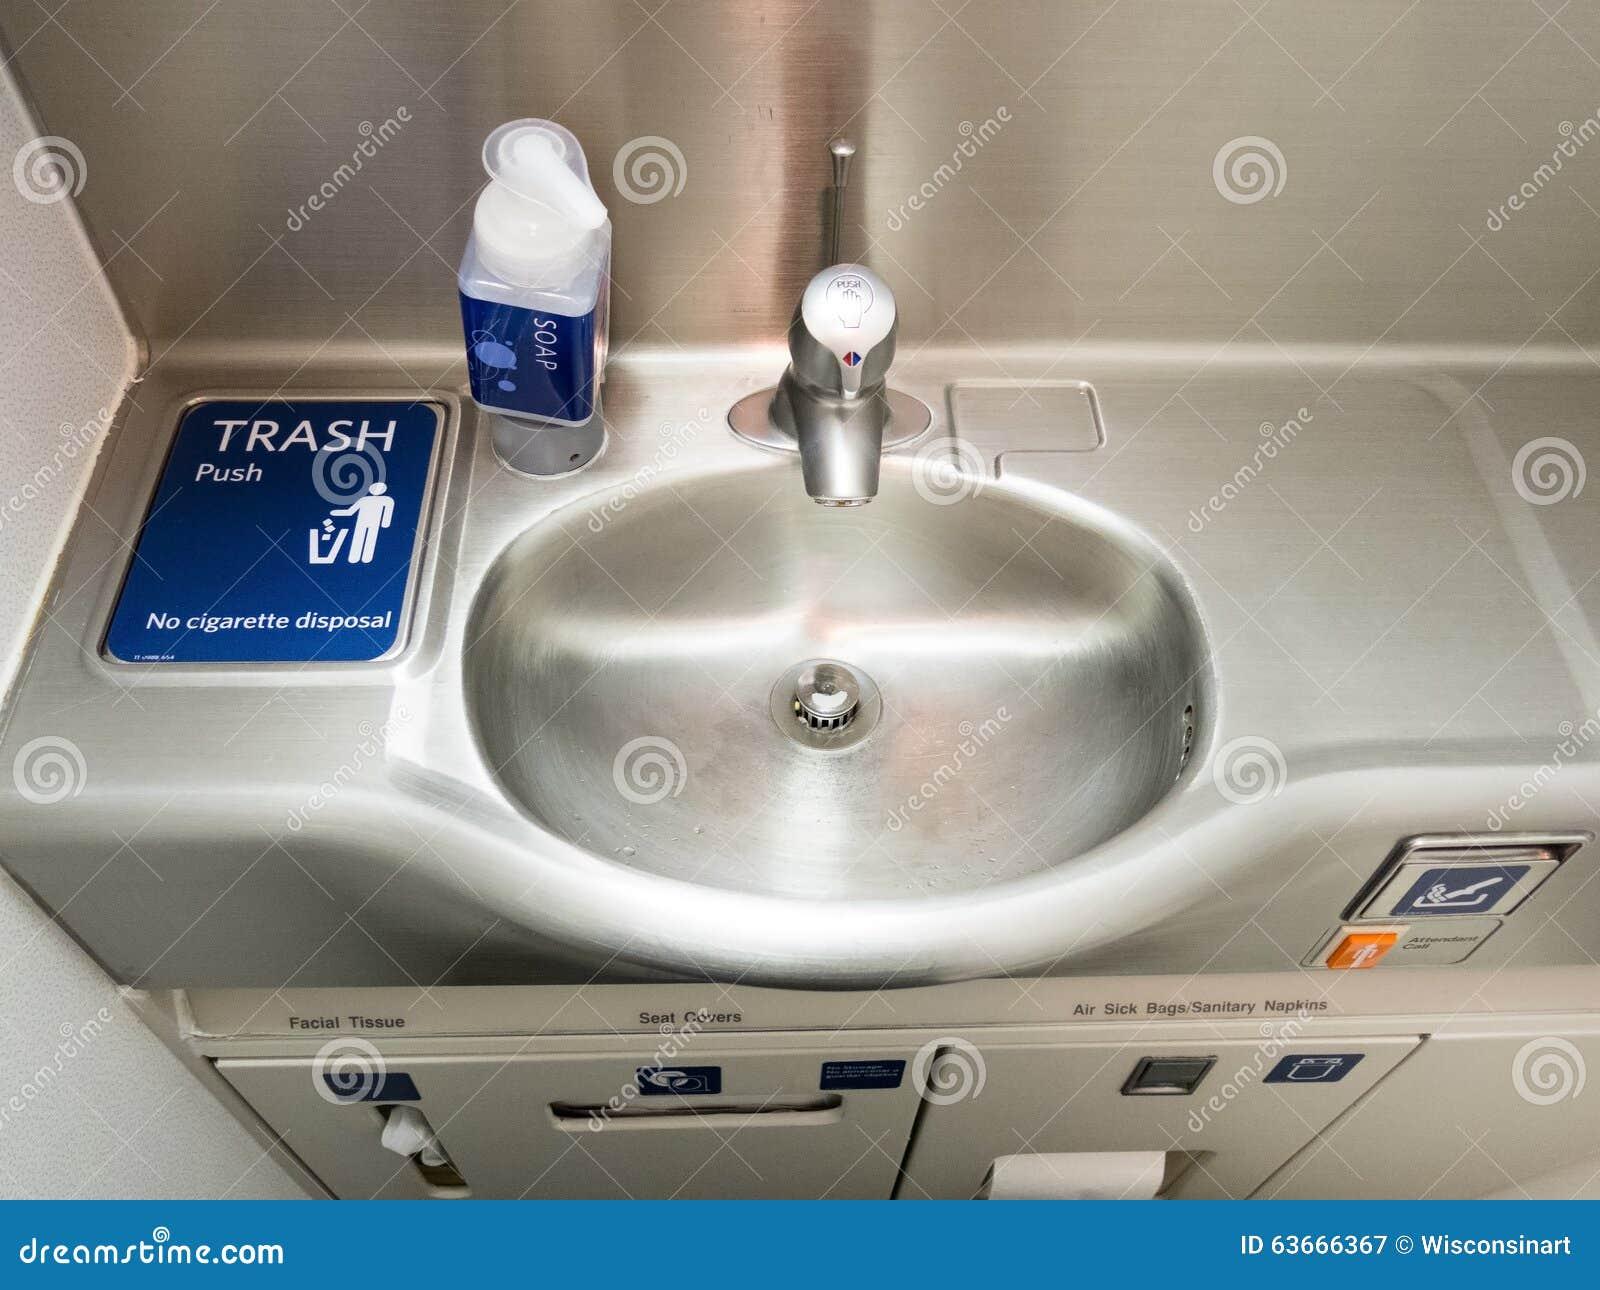 Vliegtuig Jet Travel Bathroom Restroom